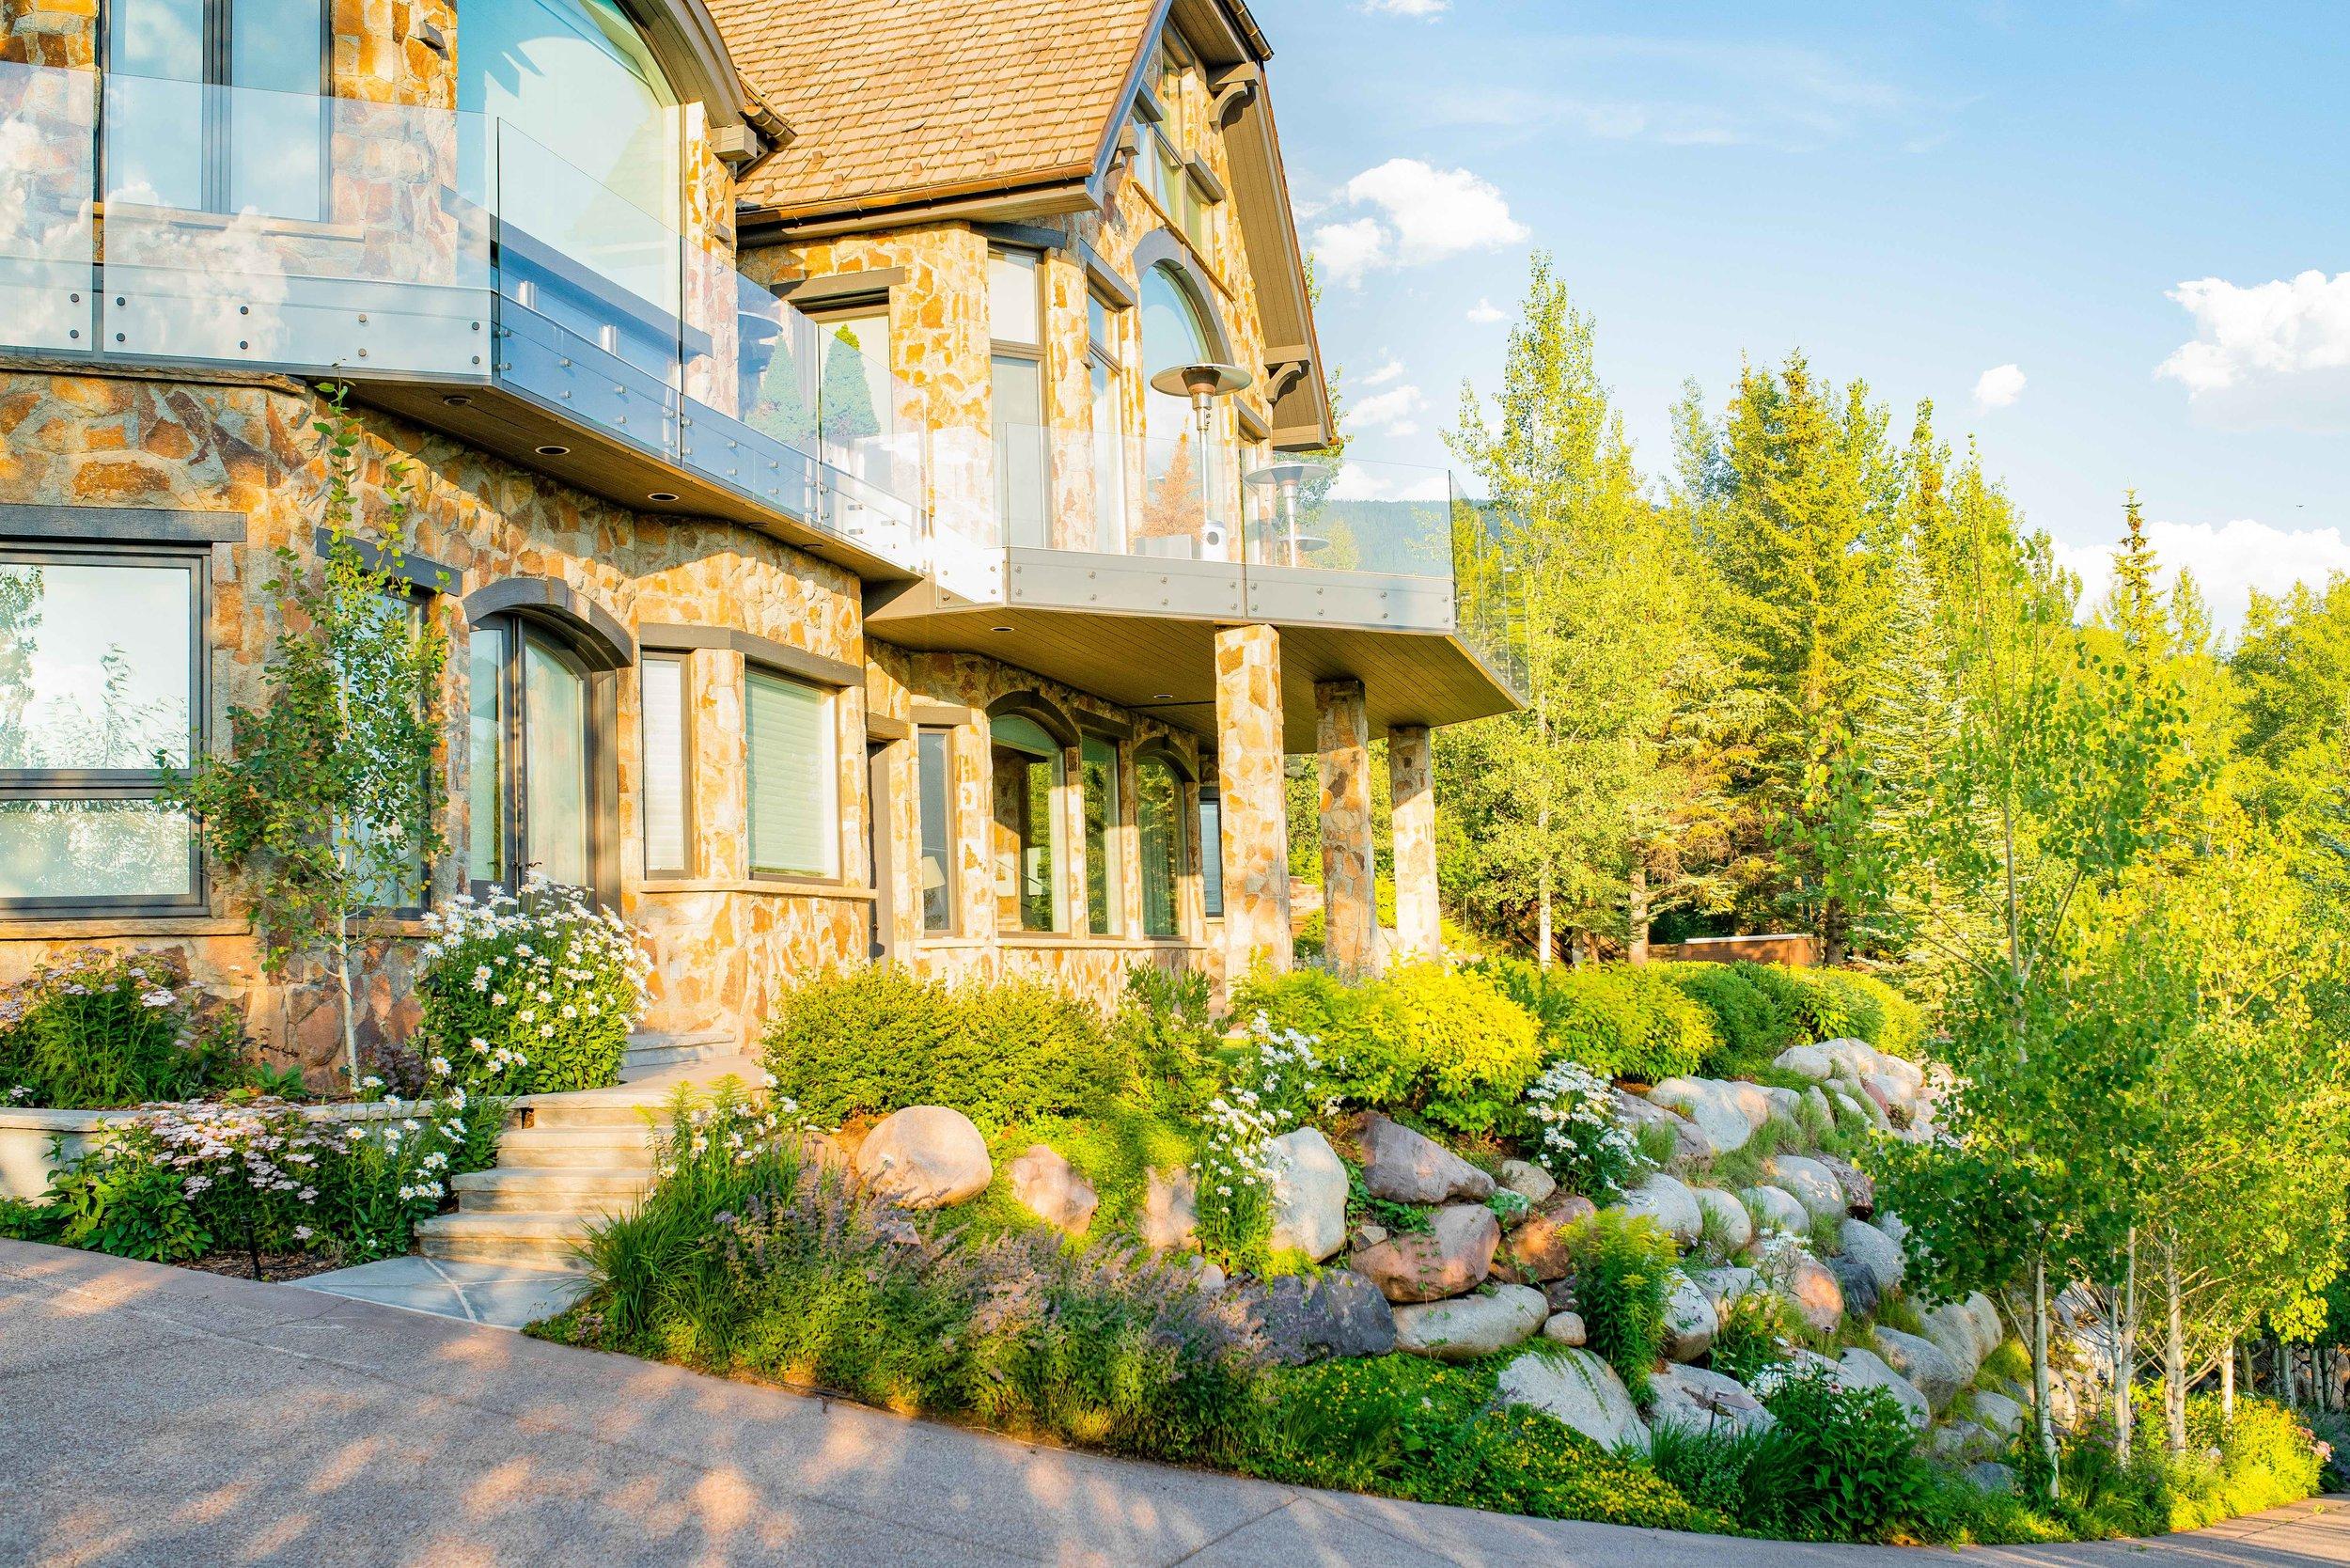 Snowmass Landscape Architecture